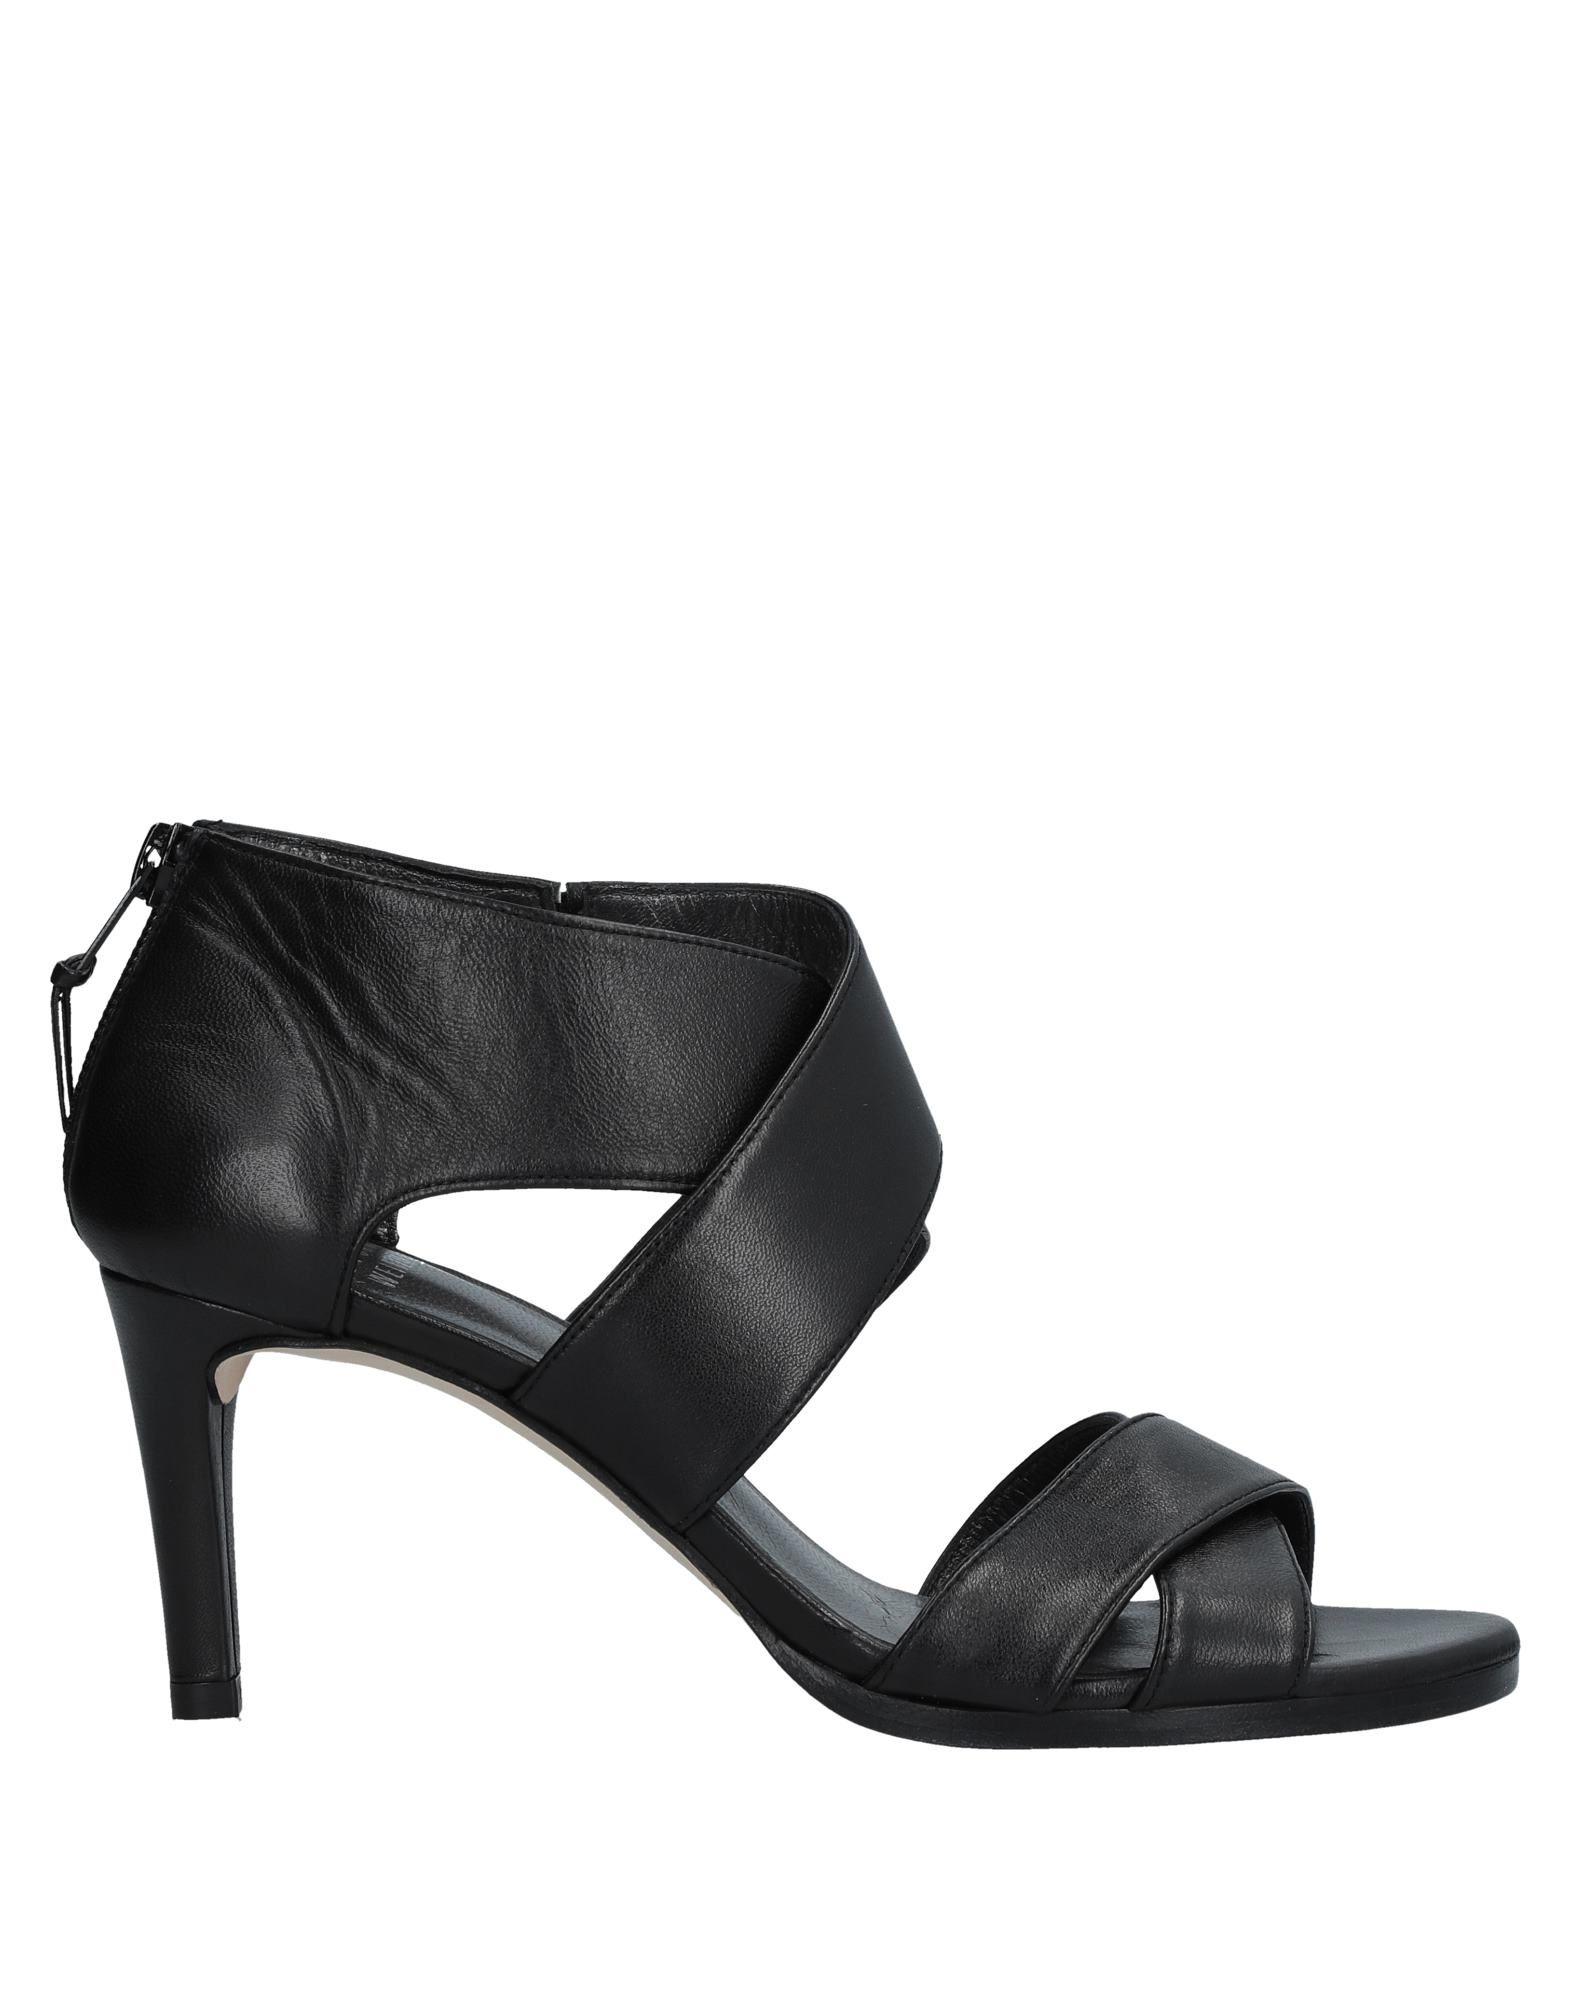 Rabatt Schuhe Stuart Weitzman Sandalen Damen  11035395SL